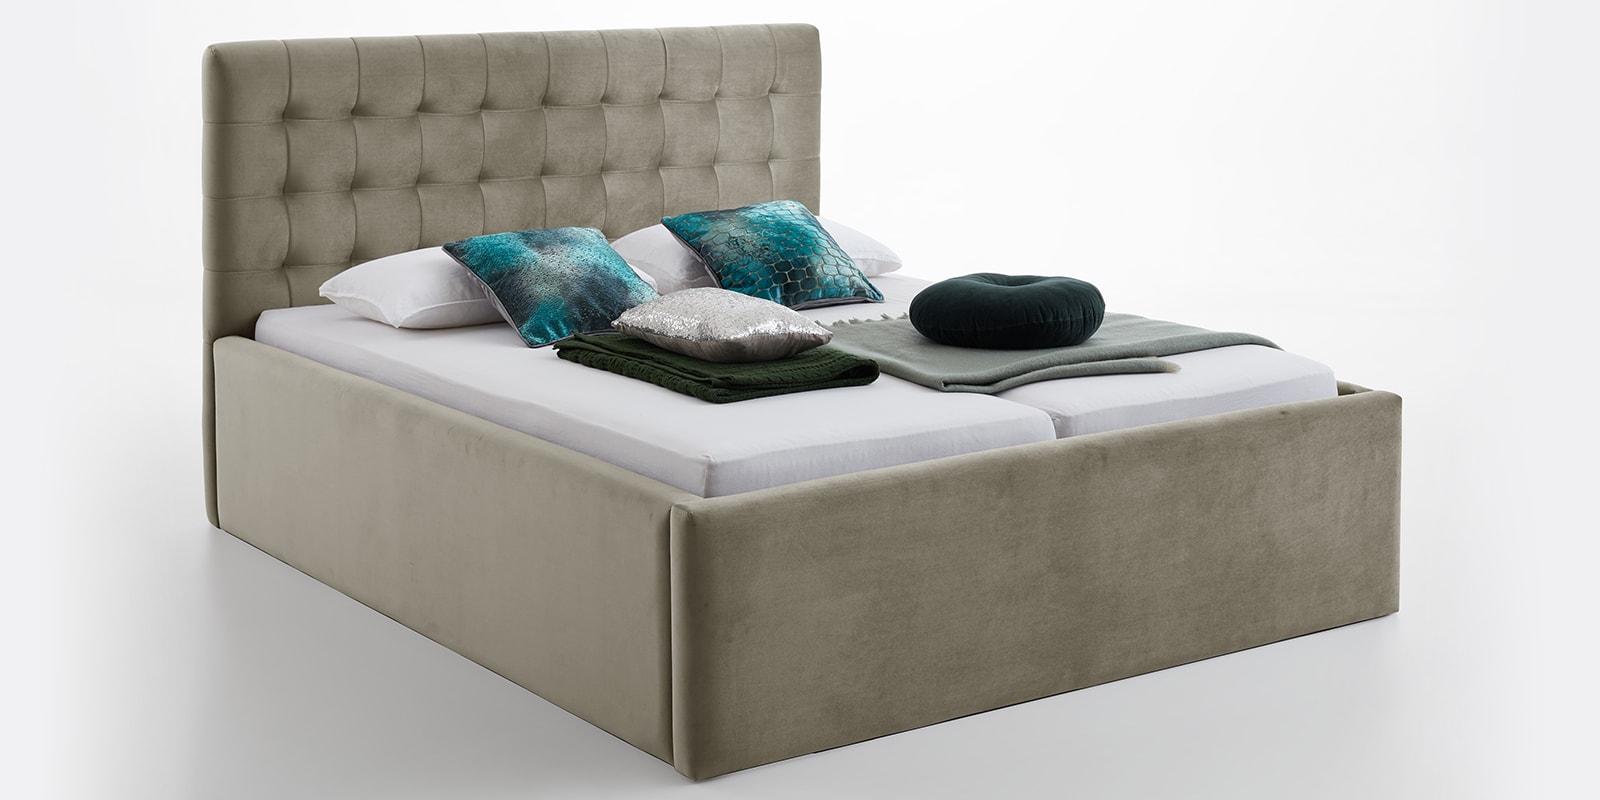 Moebella24 - Bett - mit - Bettkasten - Molly - Samt - Taupe - XXL-Bettkasten - Bettkasten - und - Lattenrost - vormontiert - Kopfteil - mit - Steppungen